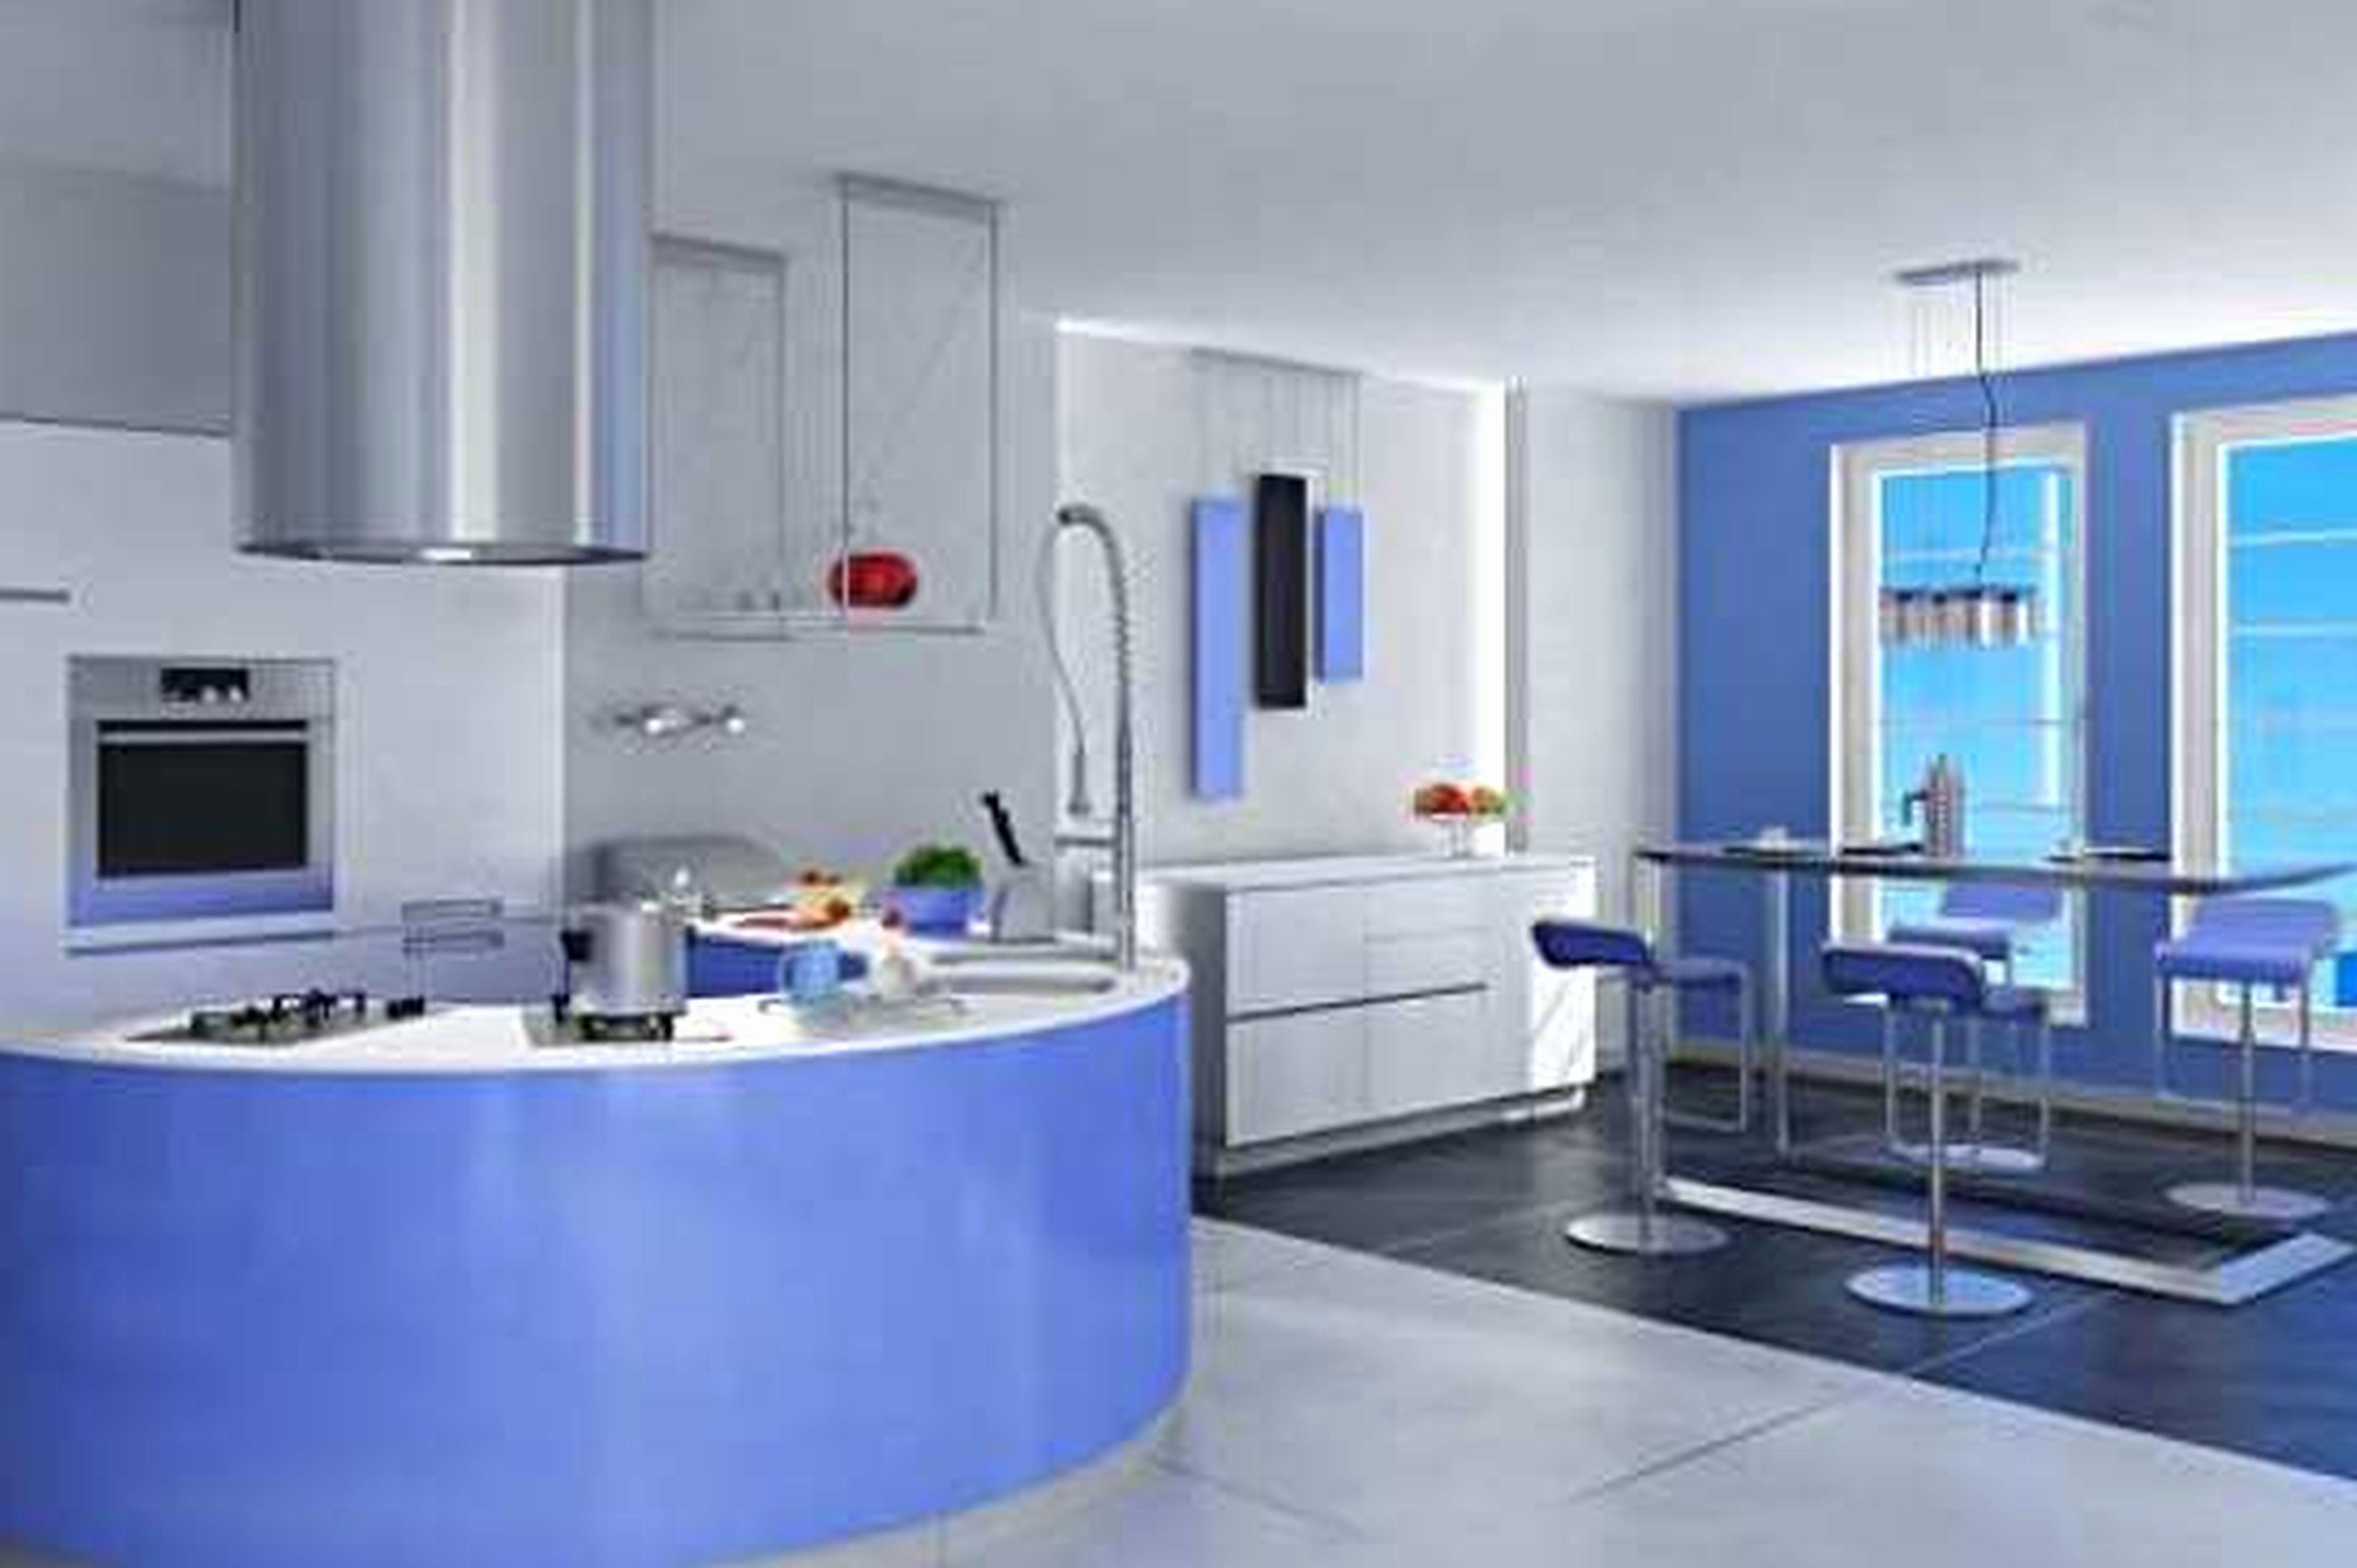 kitchen design ideas 2012 | kitchen interior design modern ...